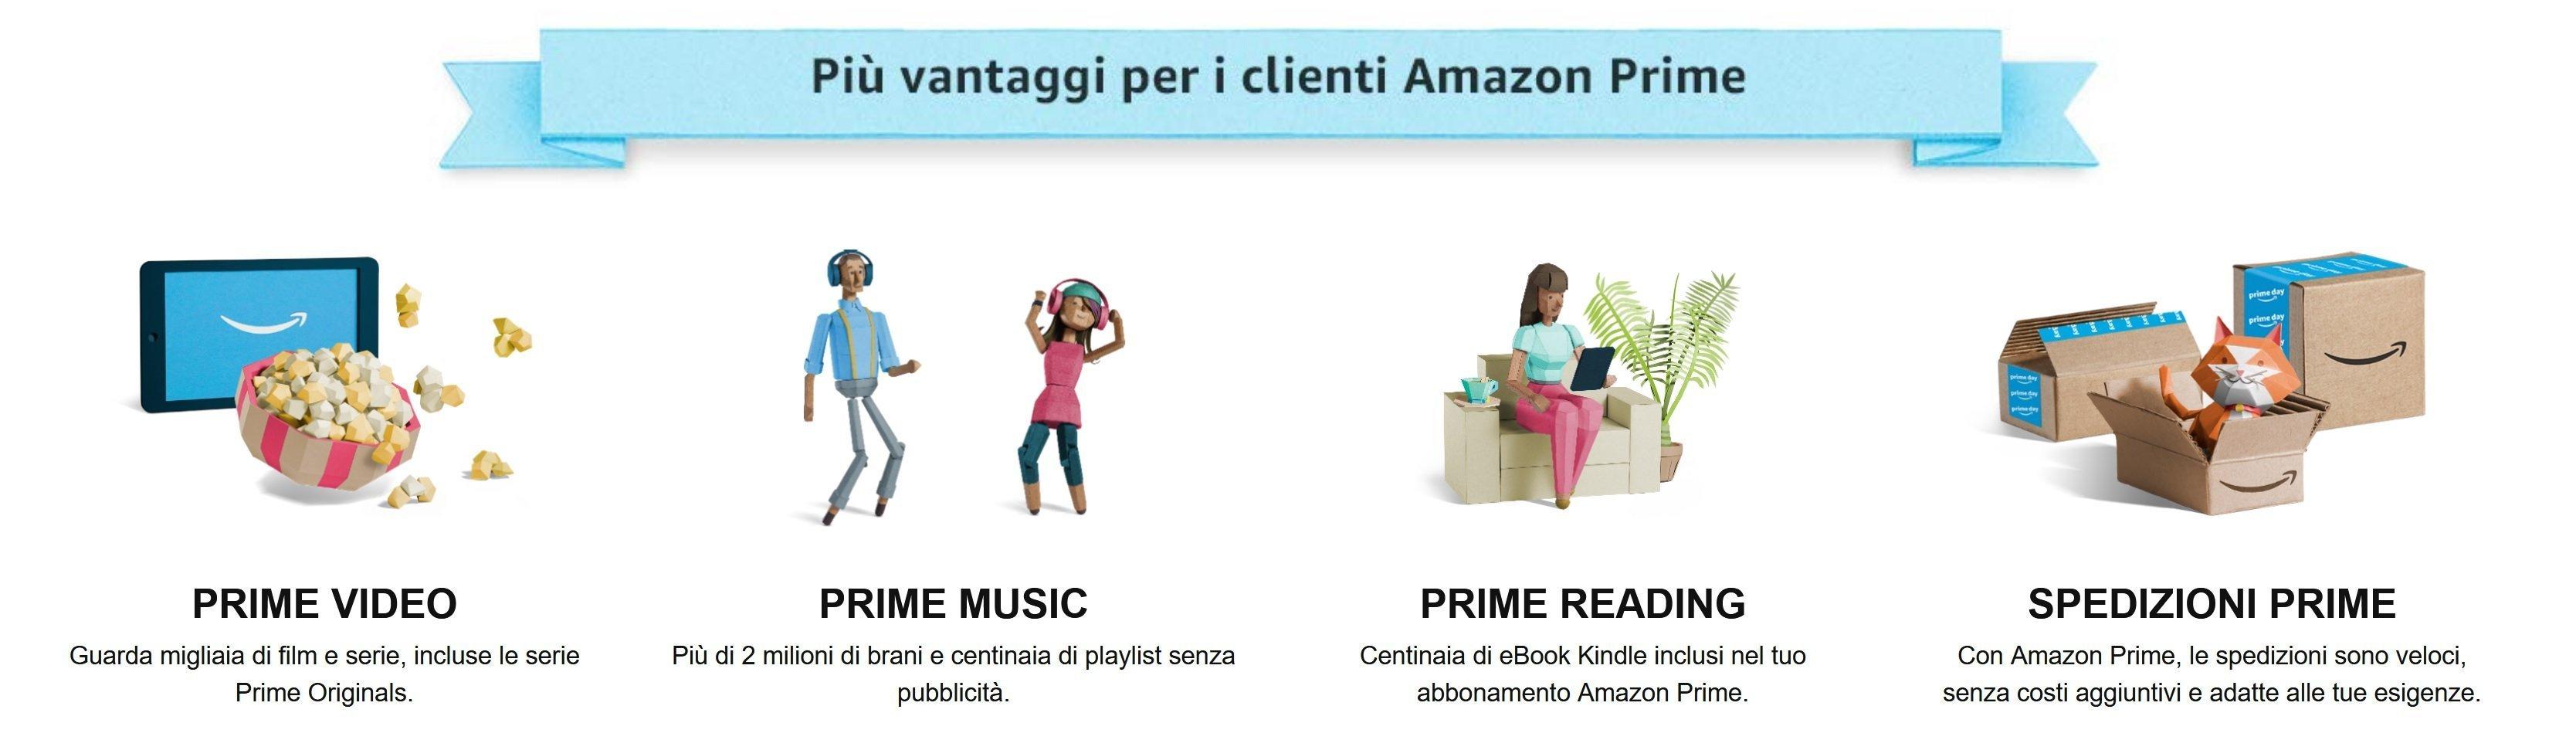 ecco alcuni dei vantaggi offerti da Amazon Prime, imprescindibile per accedere alle offerte dell'amazon prime day 2020